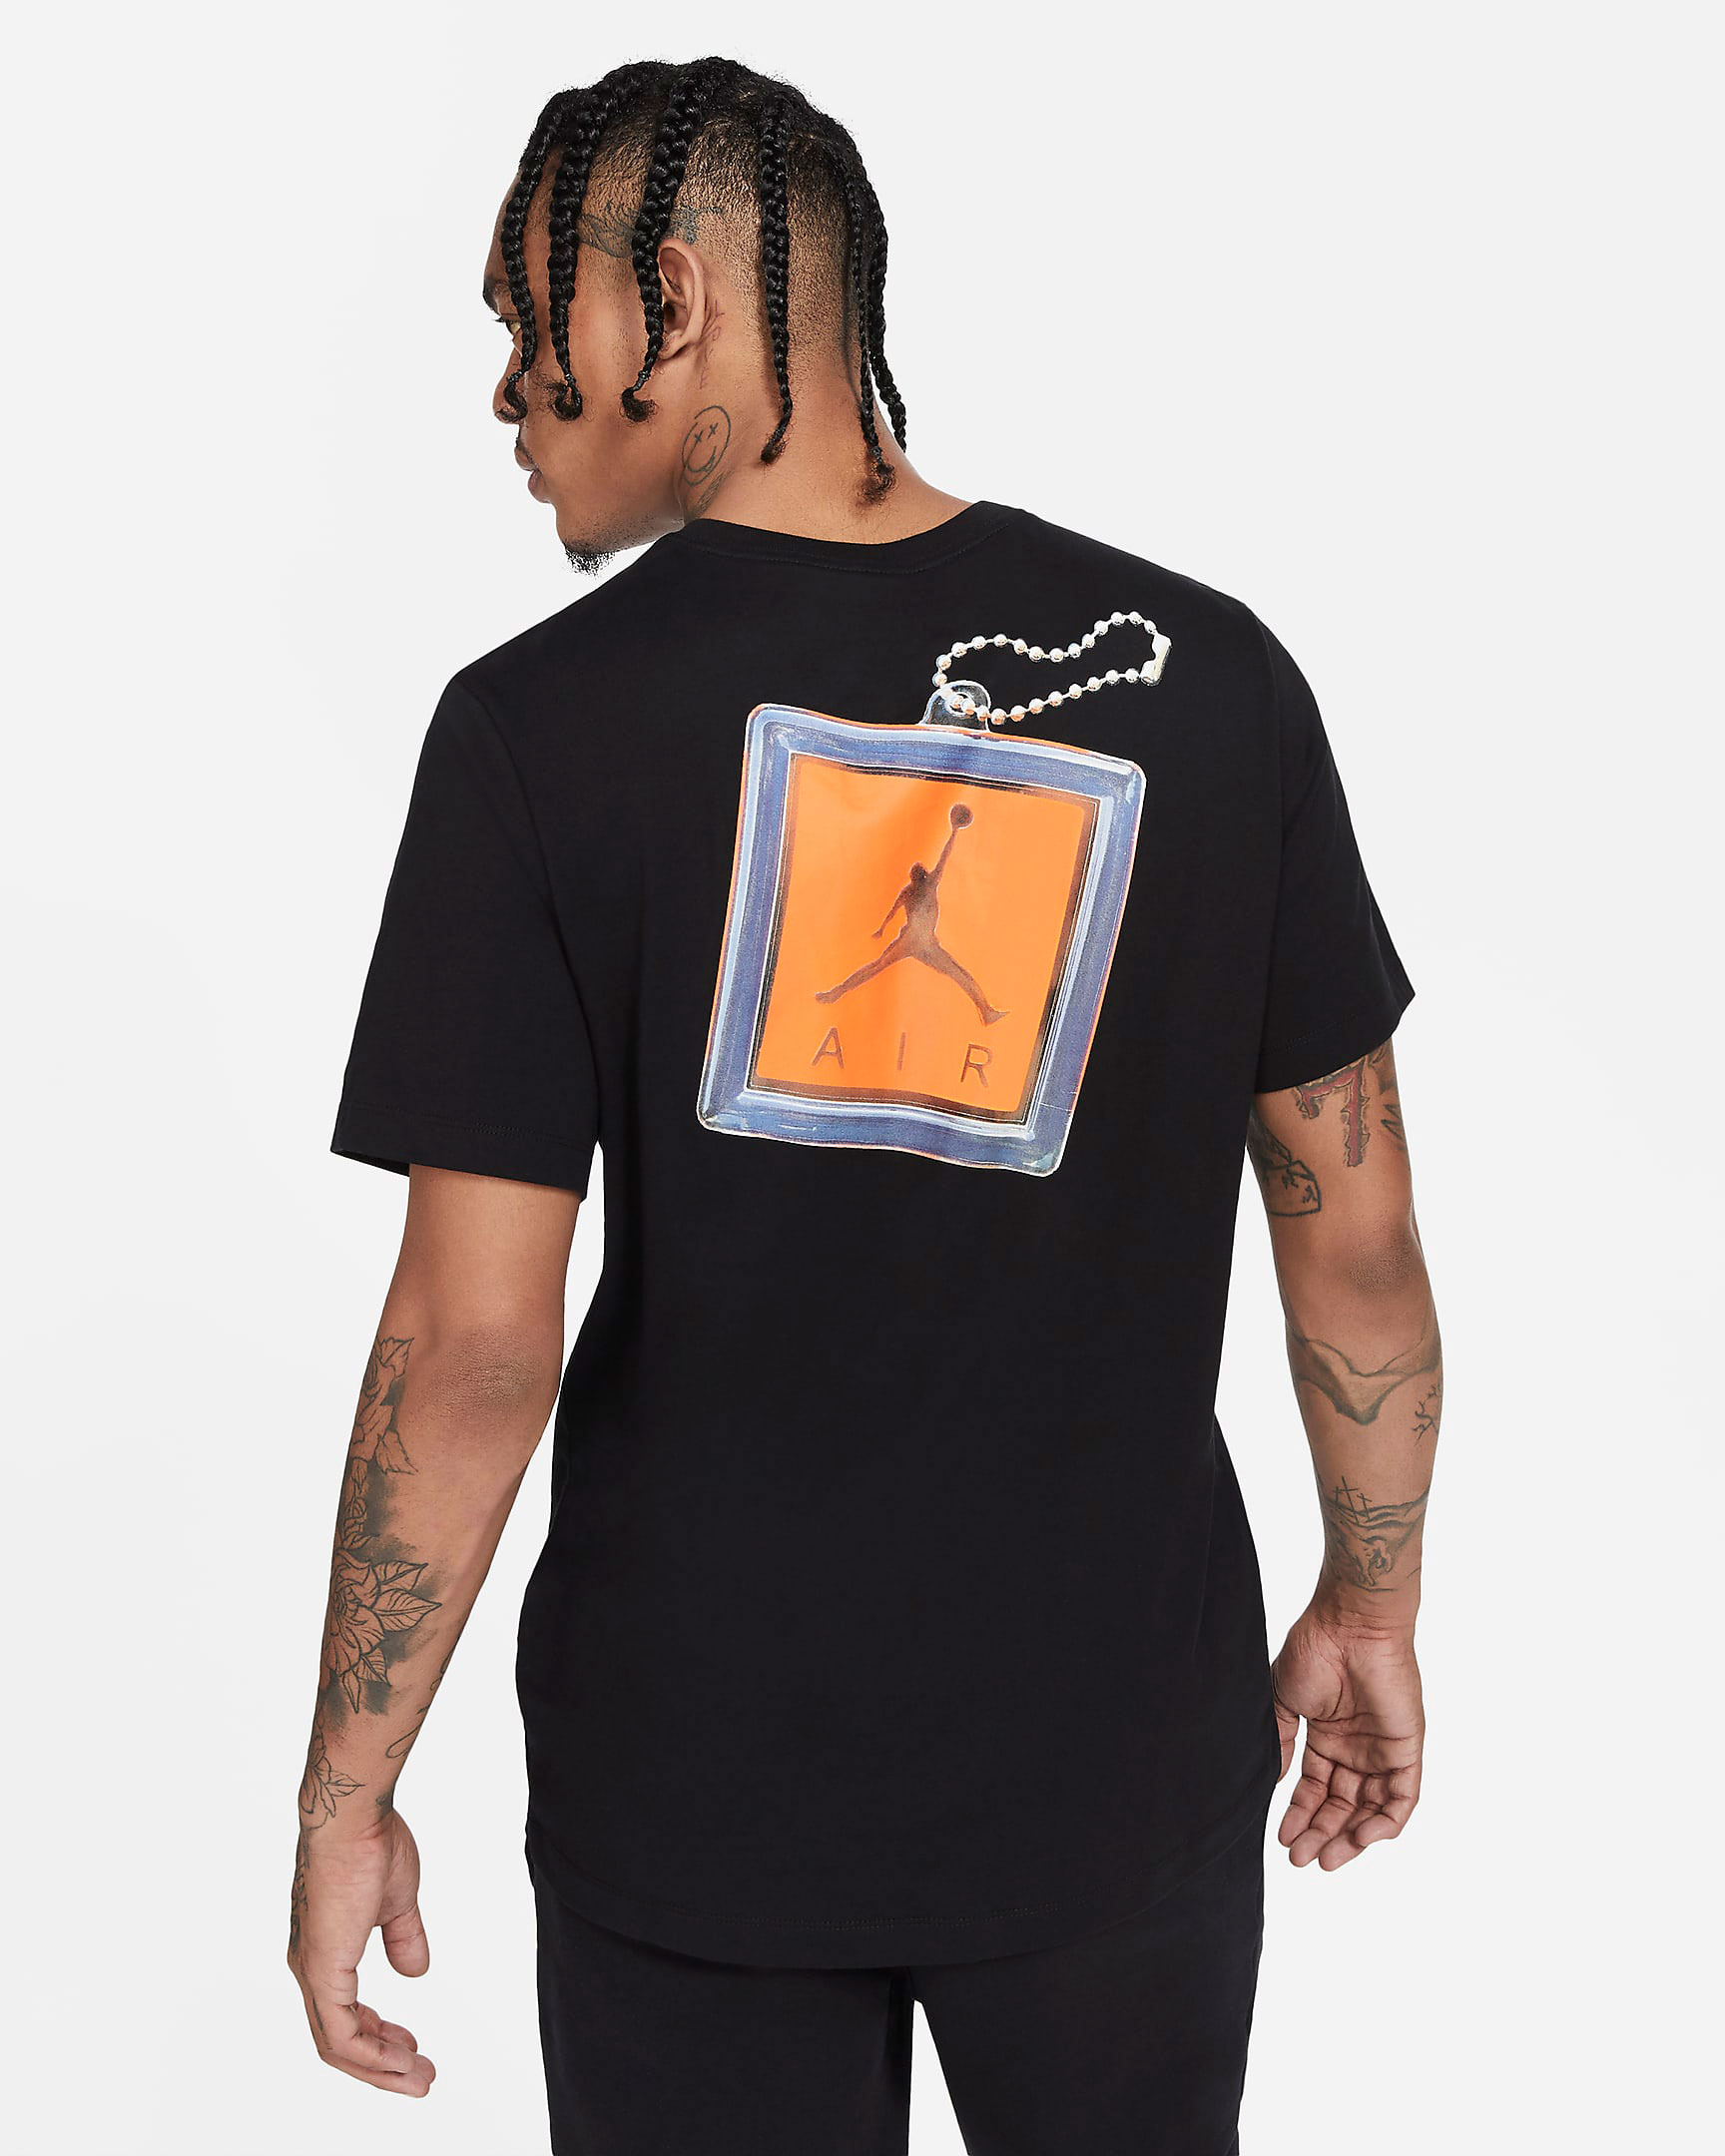 jordan-keychain-shirt-black-orange-2